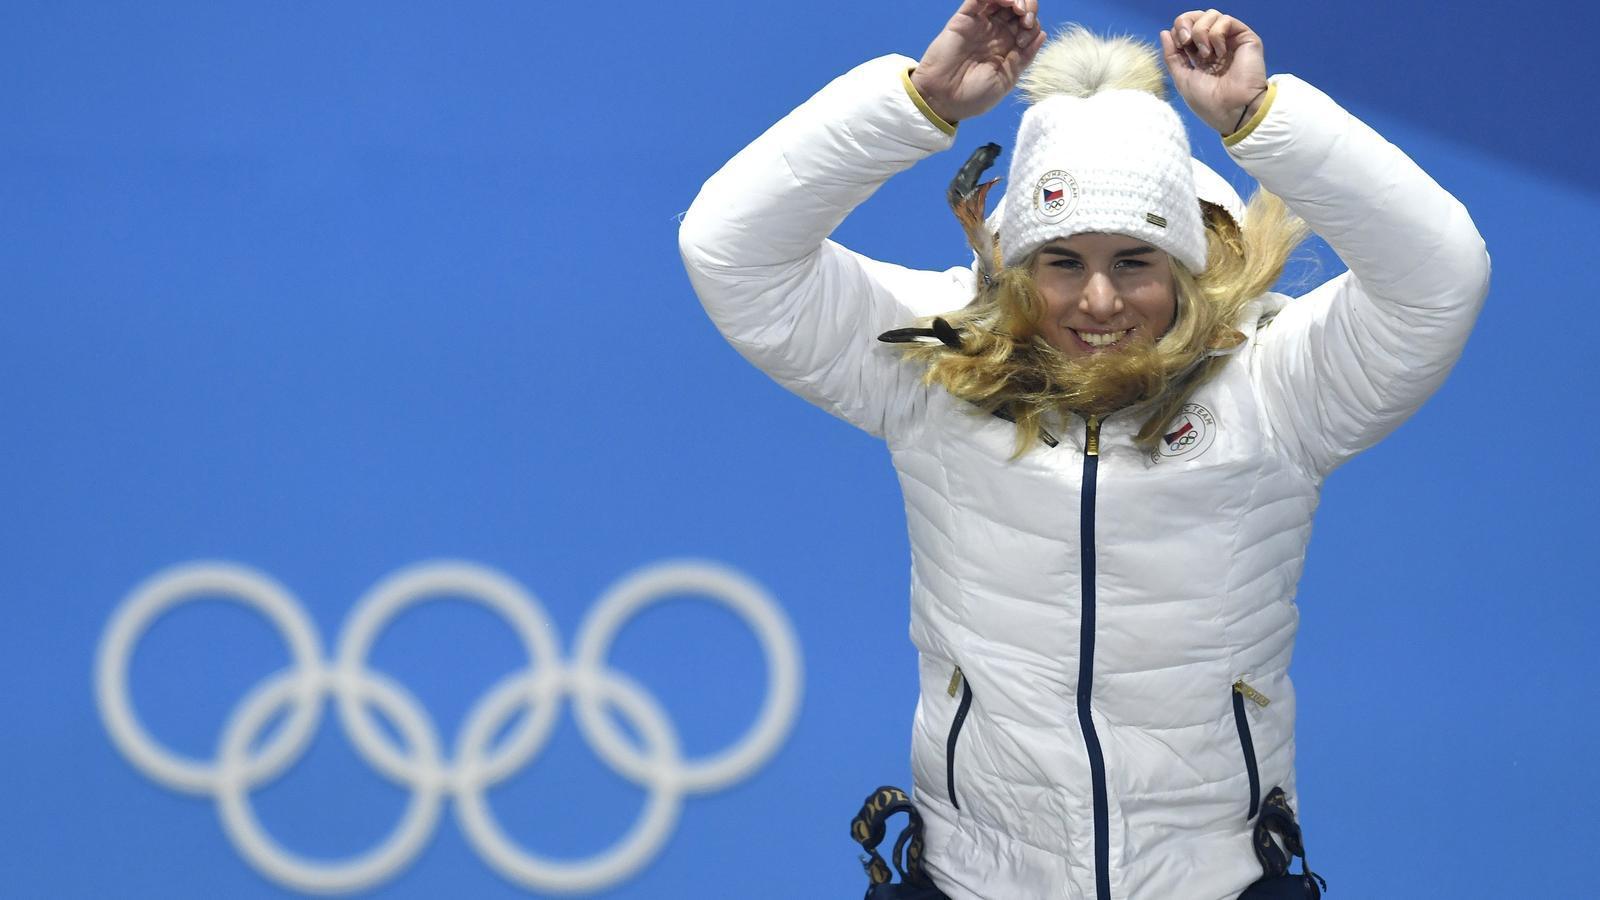 Ledecka fa història i guanya l'or en dos esports diferents a Pyeongchang